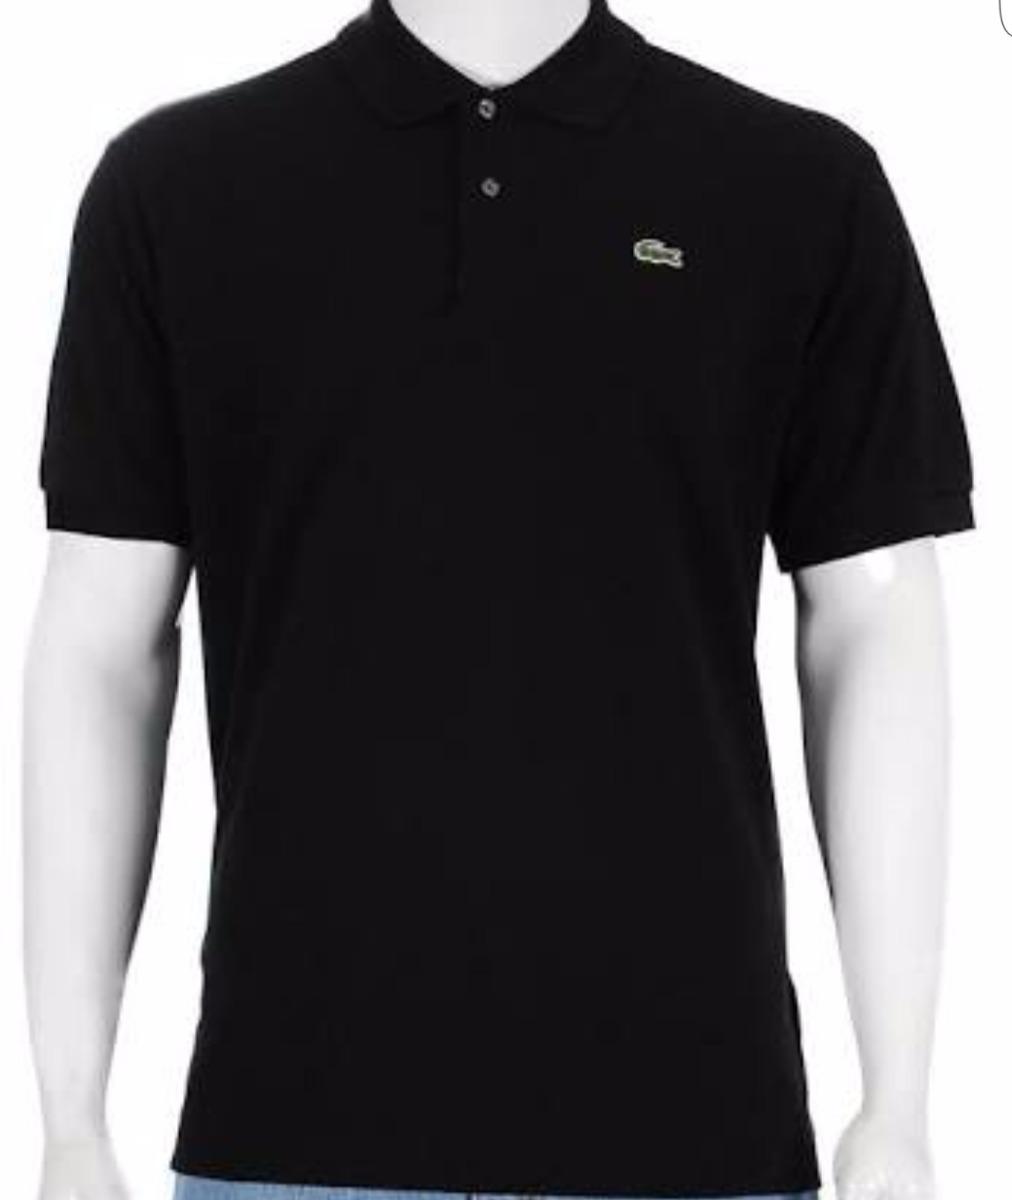 10e49ad01e Camisa Polo Lacoste Preta Masculina - Original - R  64